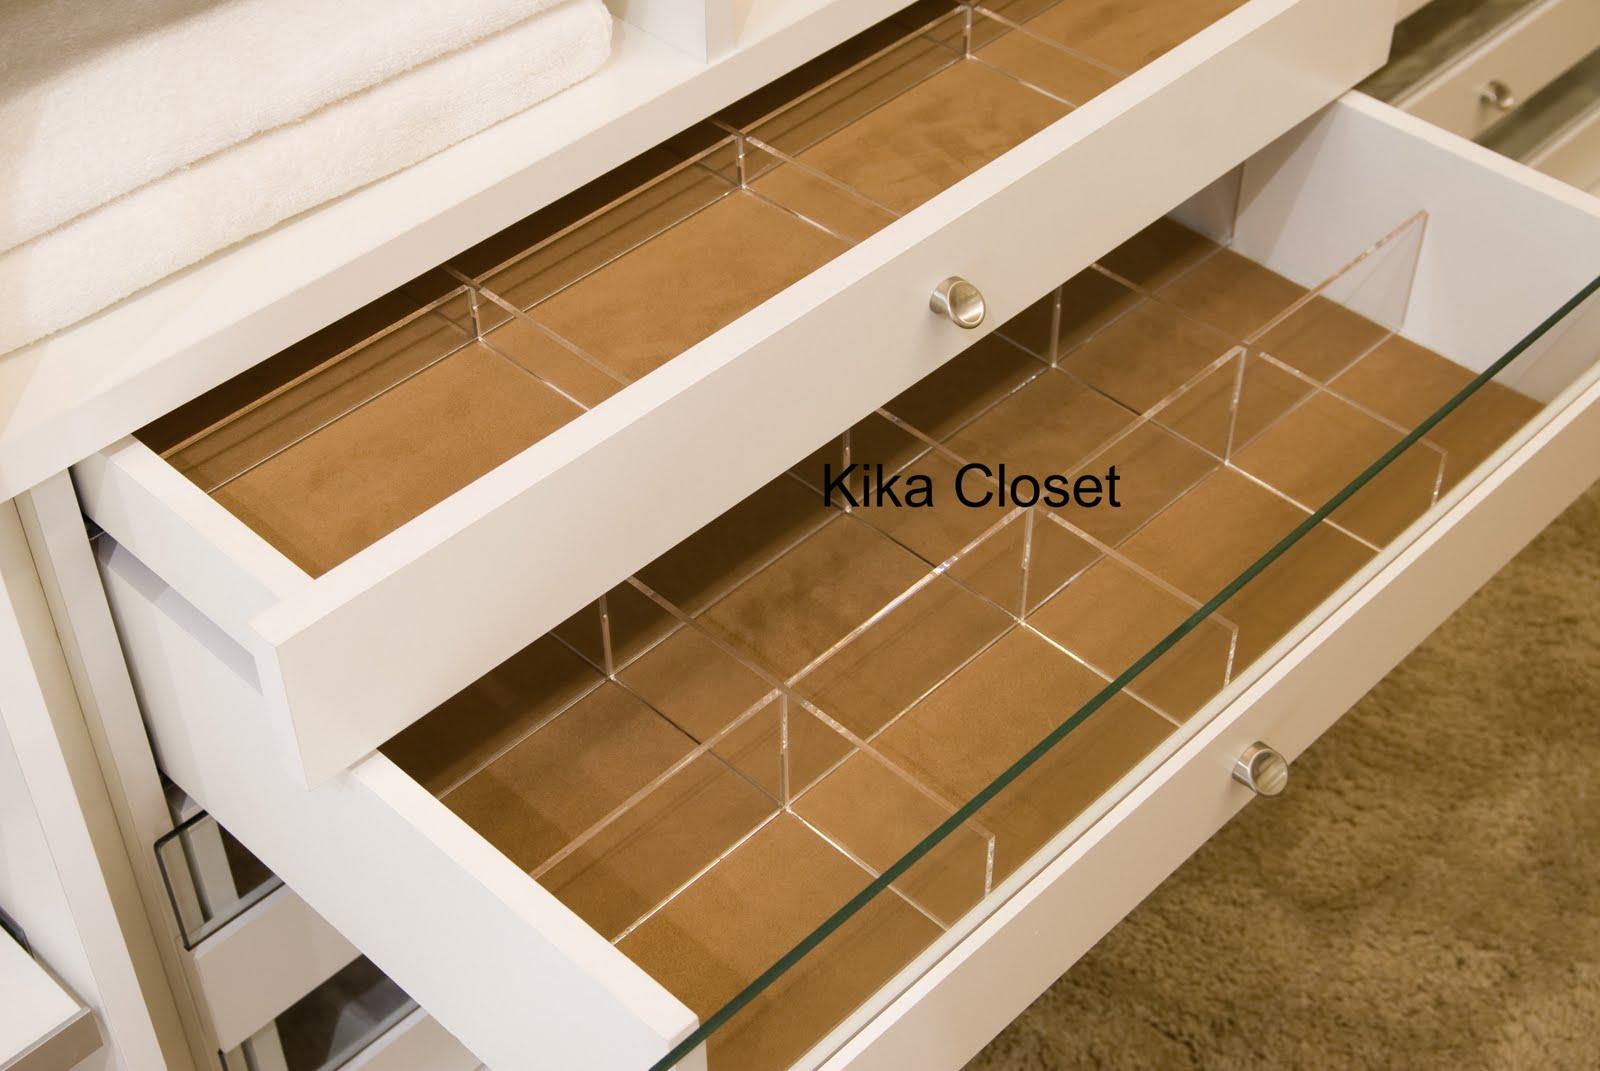 Kika Closet: Divisórias de acrílico nas gavetas #3C290E 1600x1071